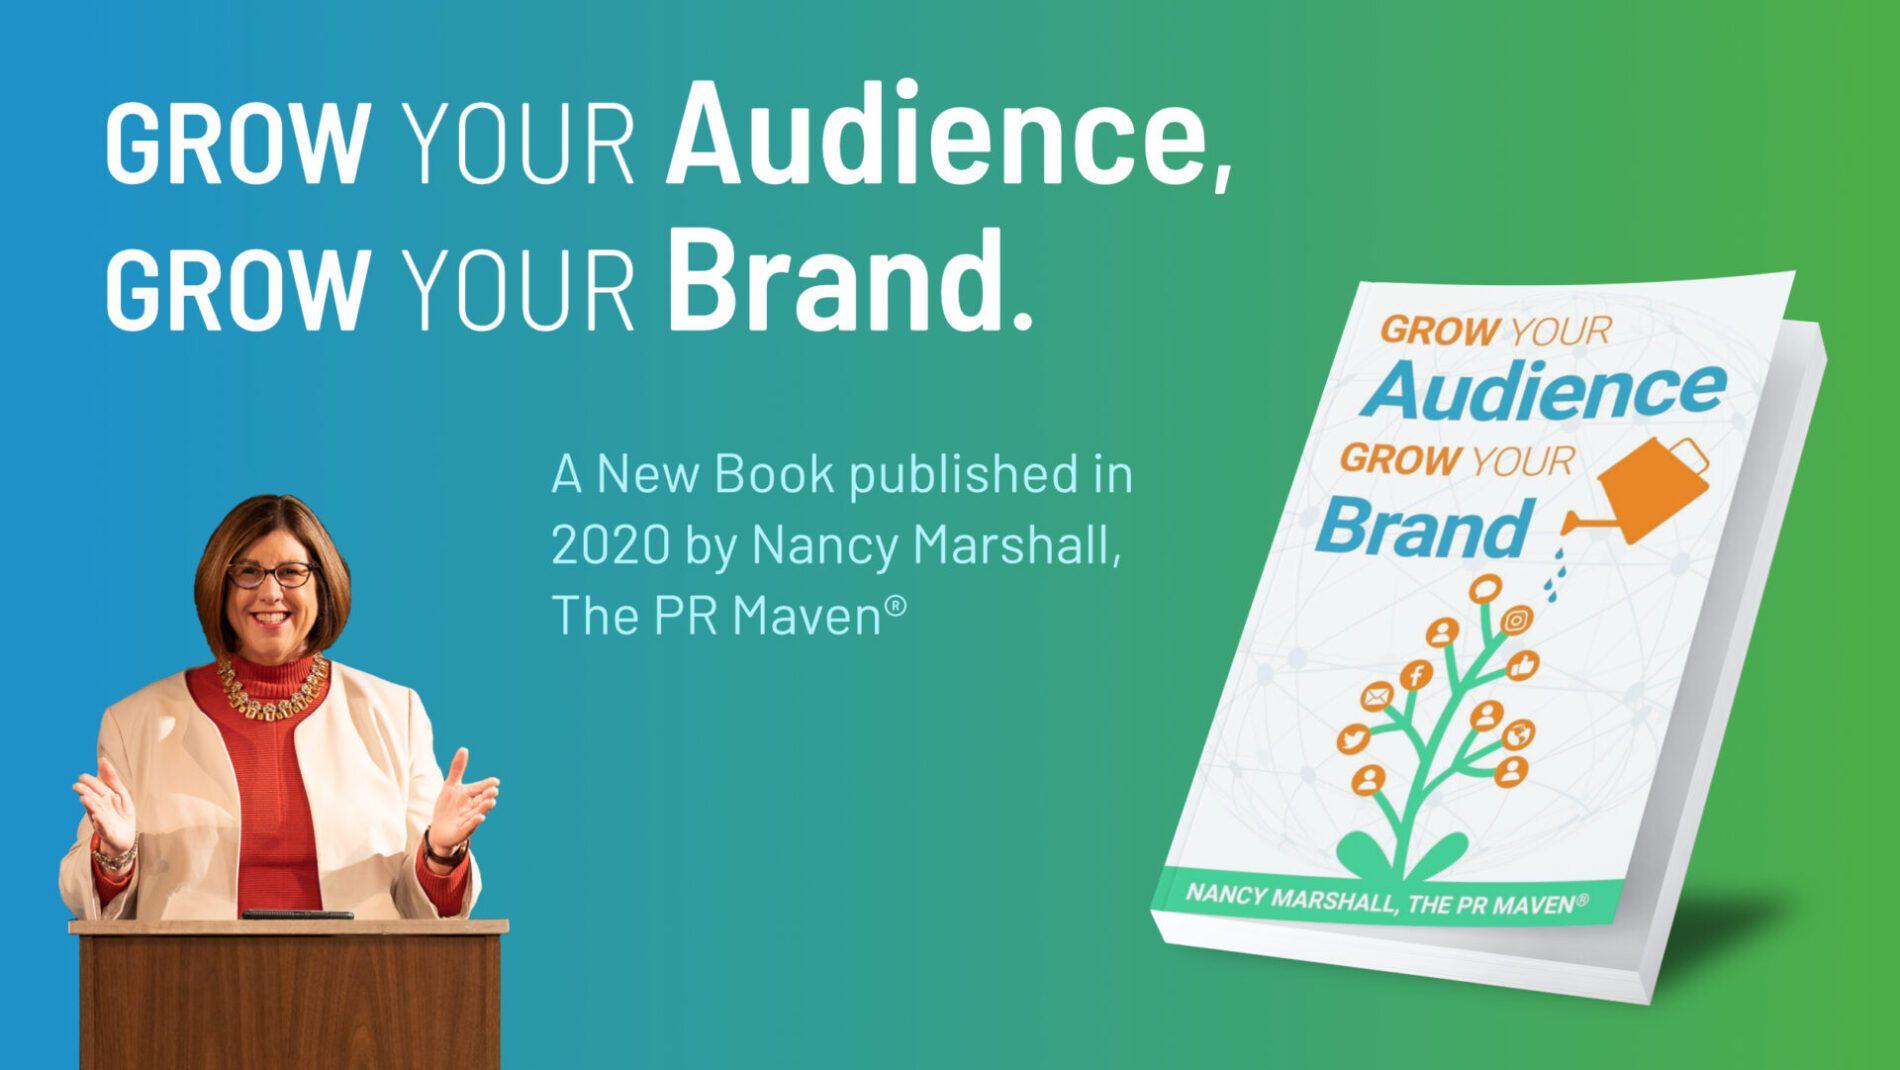 Grow Your Audience, Grow Your Brand. Nancy Marshall, PR Maven